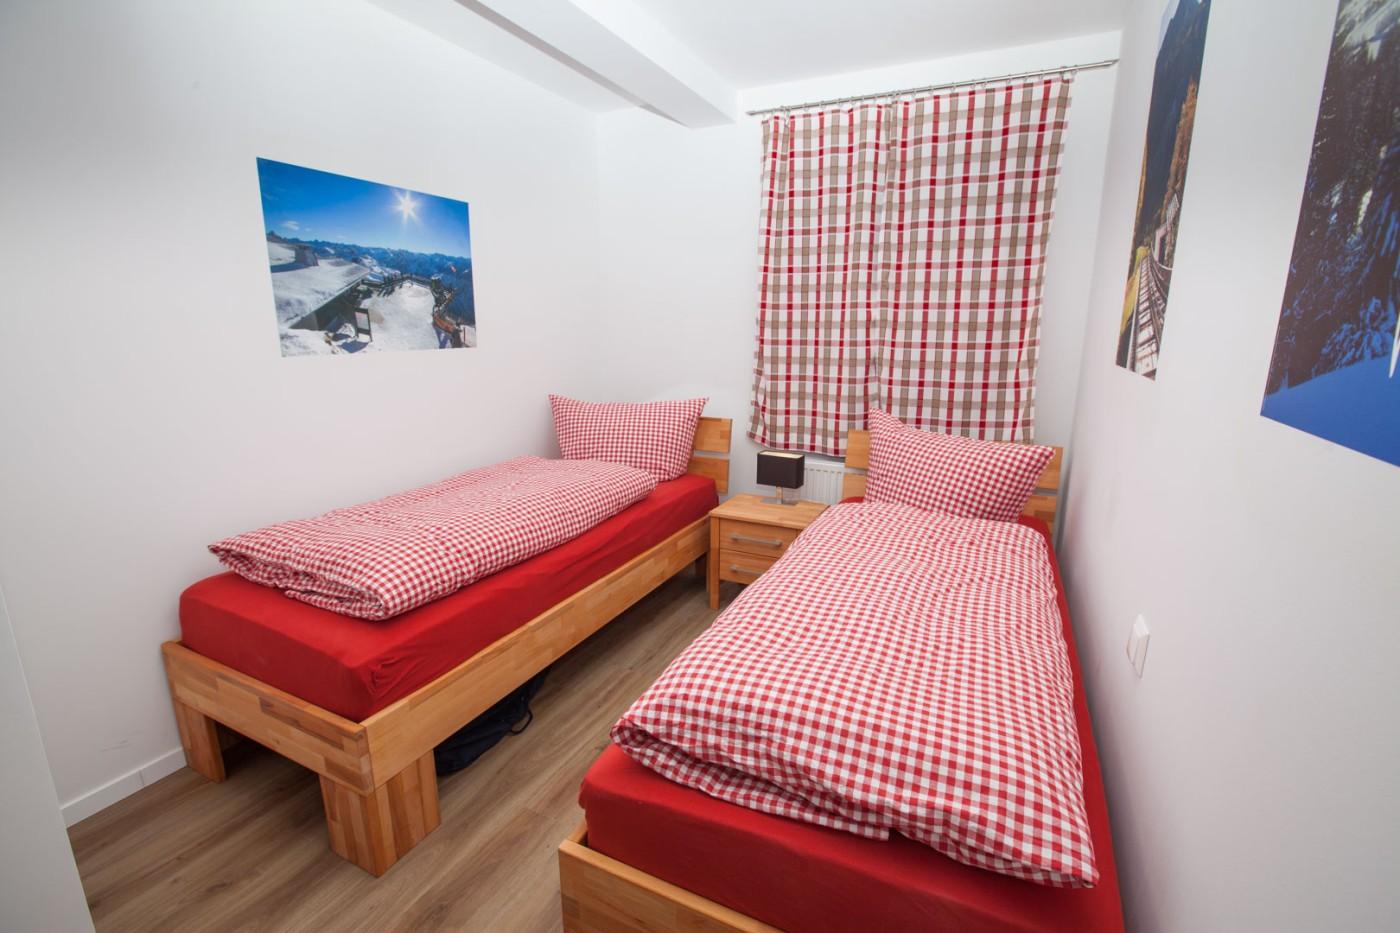 Ferienwohnung Georg Mayer Haus / Wohnung 4 (2397453), Oberstdorf, Allgäu (Bayern), Bayern, Deutschland, Bild 6